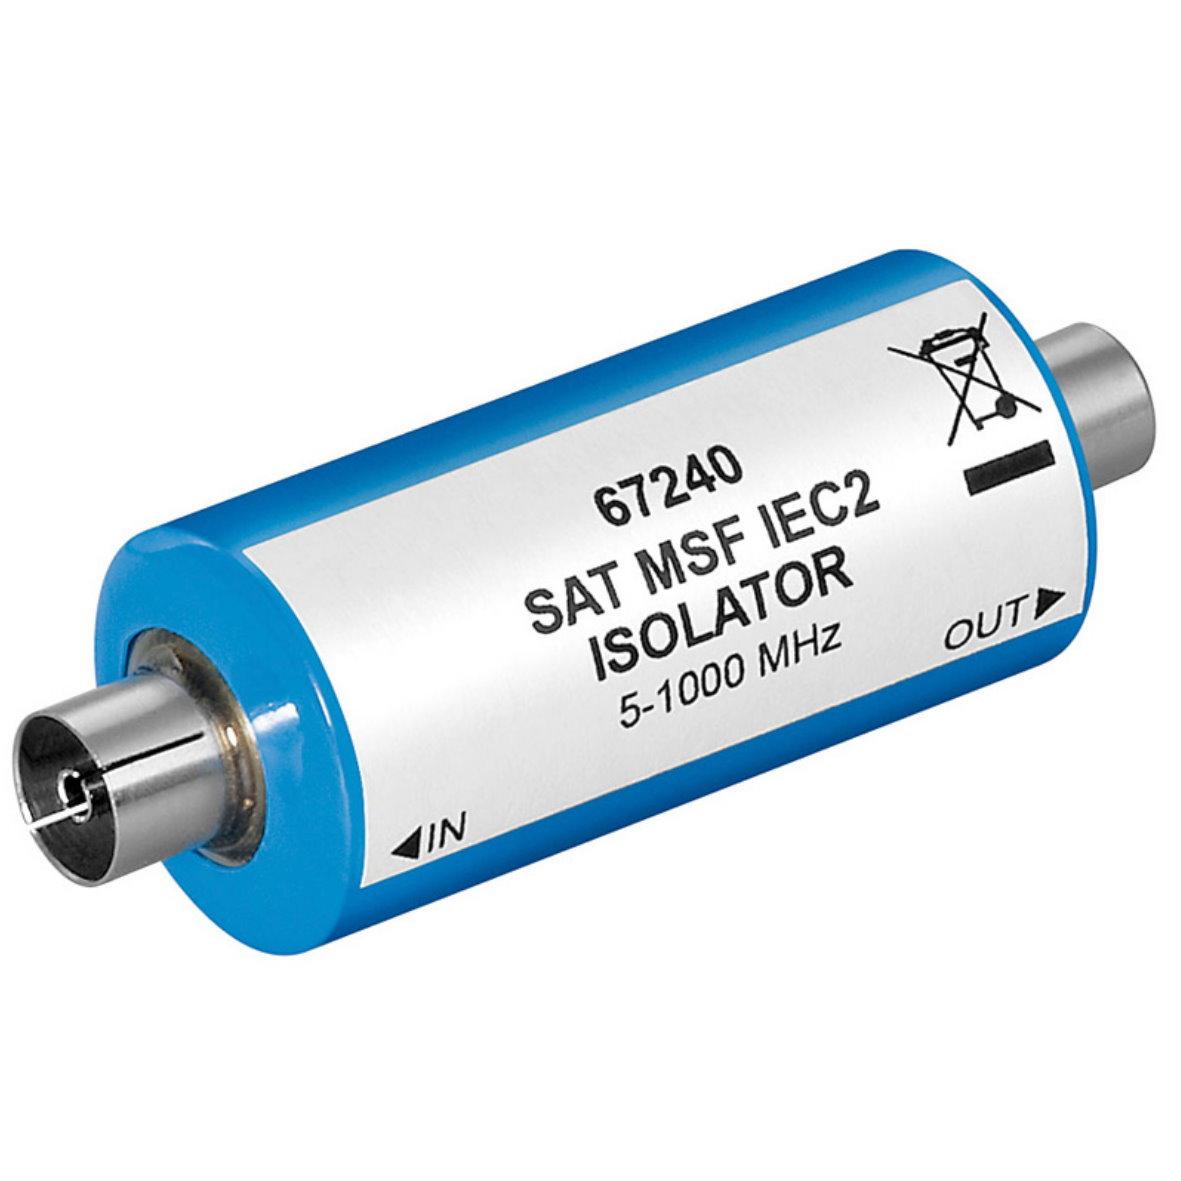 ... -Adapter-Verbinder-Kupplung-Buchse-Cinch-SAT-TV-Antenne-Koax-Kabel